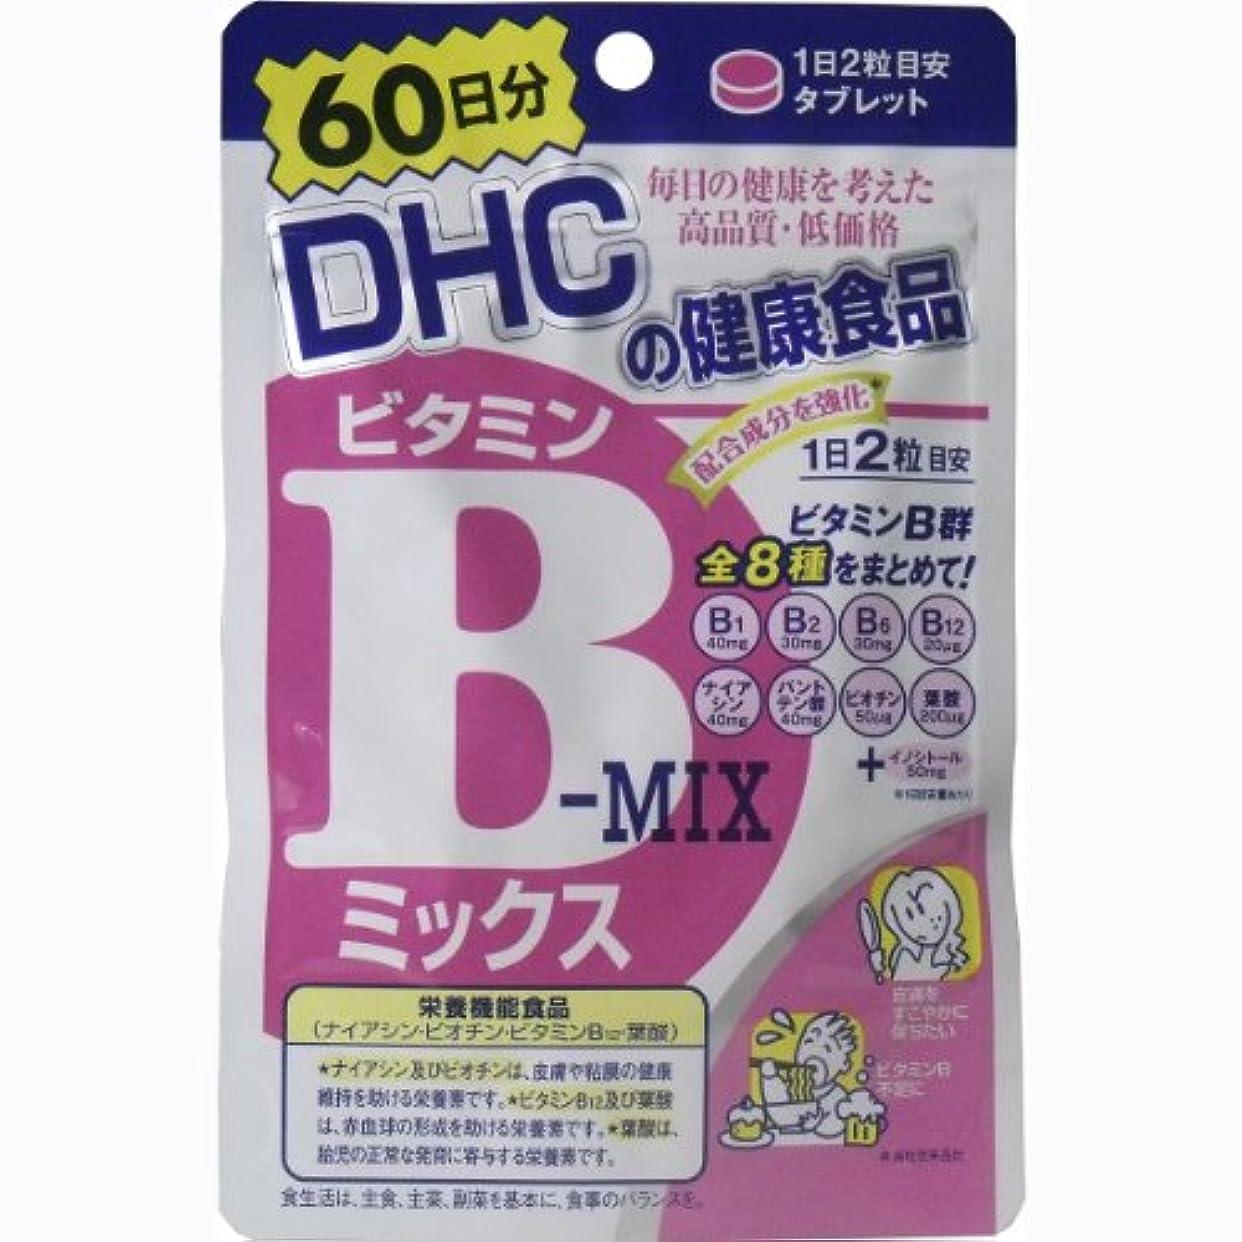 祈る柔らかさ背景【まとめ買い】DHC ビタミンBミックス 60日分 120粒 ×2セット